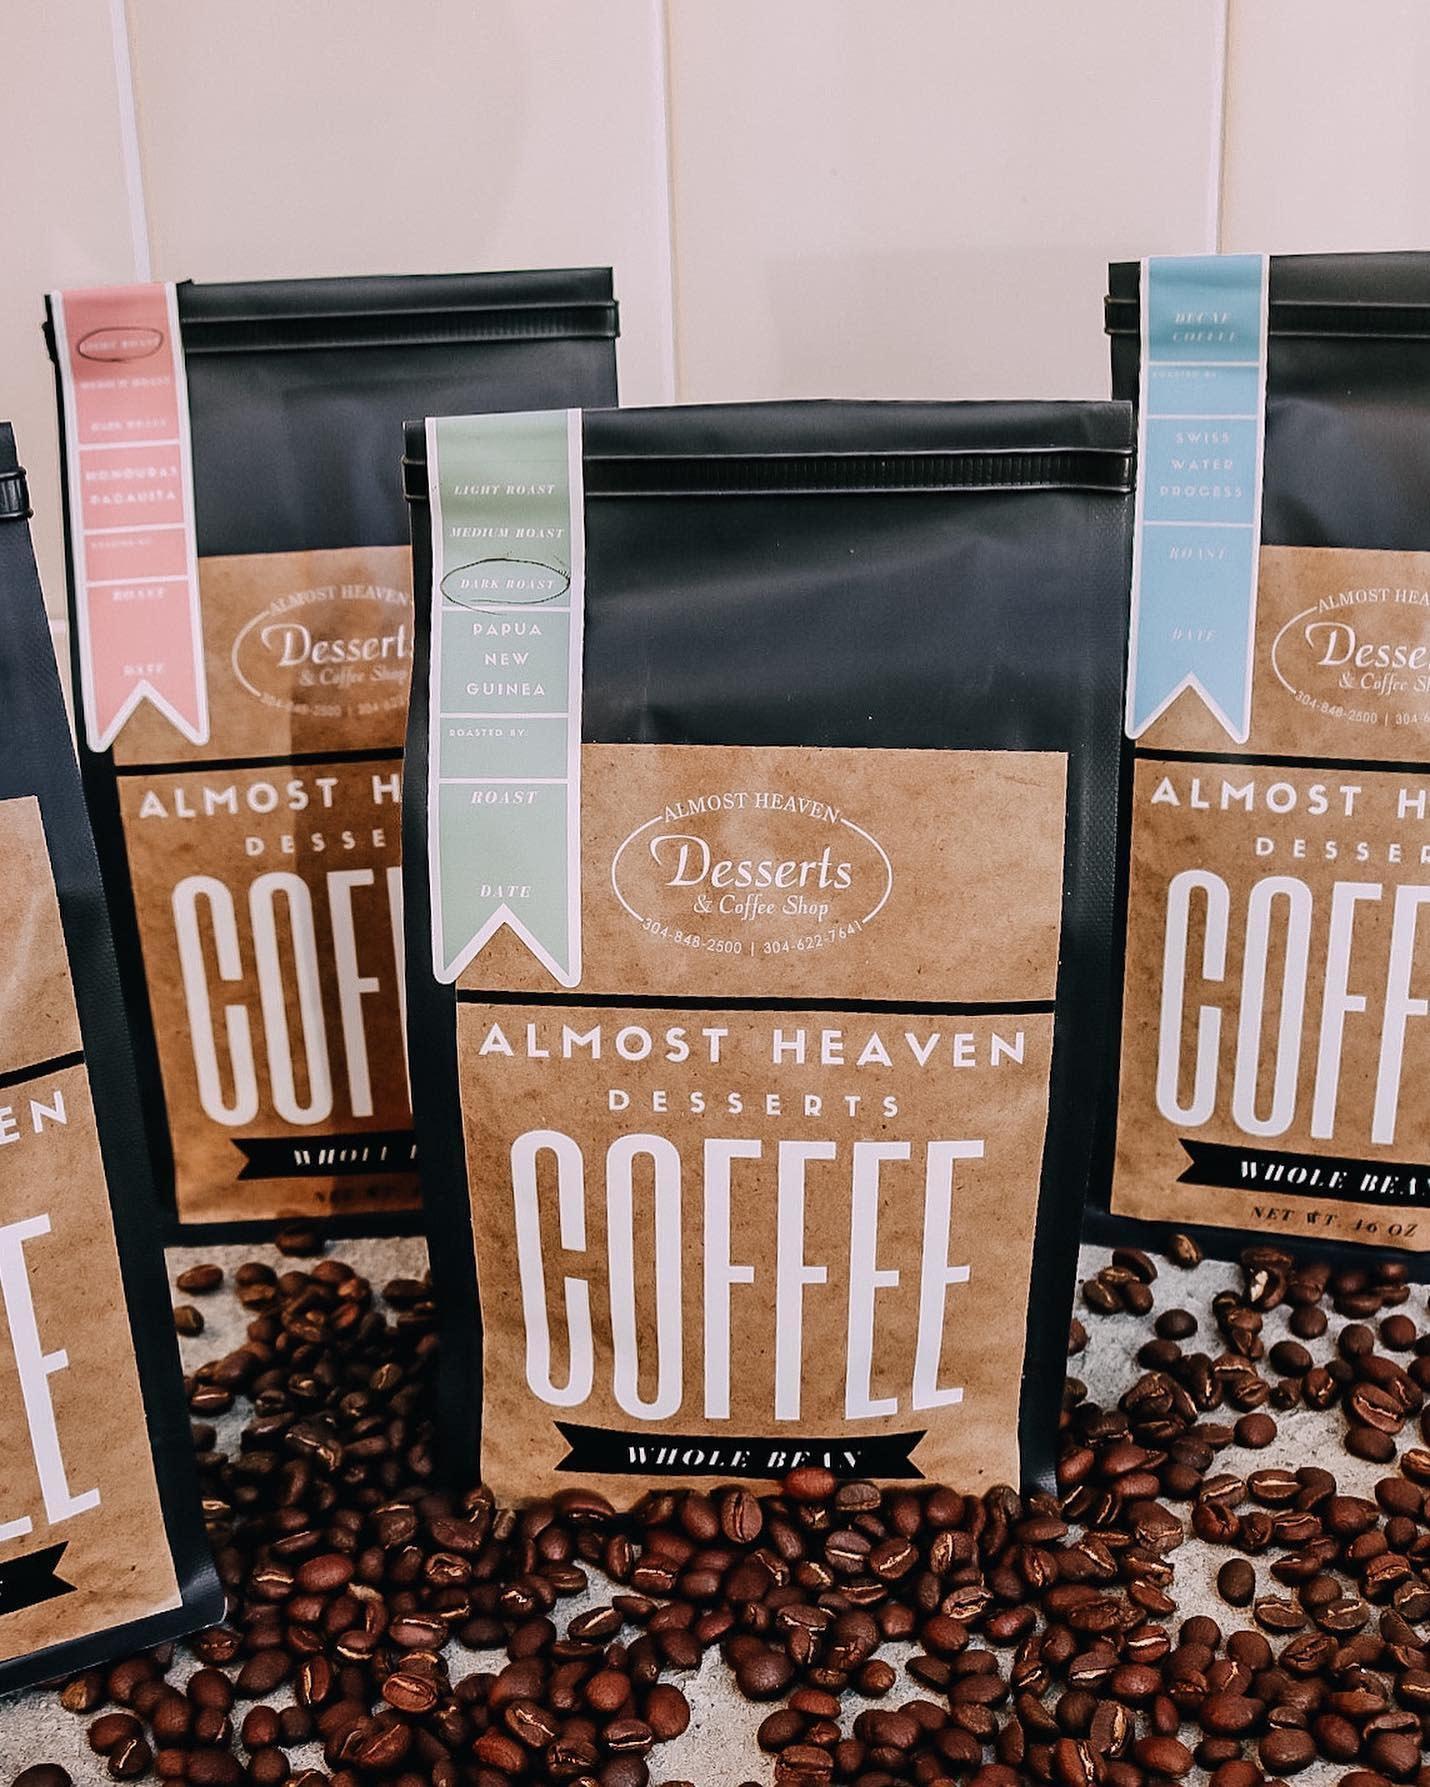 Almost Heaven Desserts Almost Heaven Honduras Guama Dante Coffee